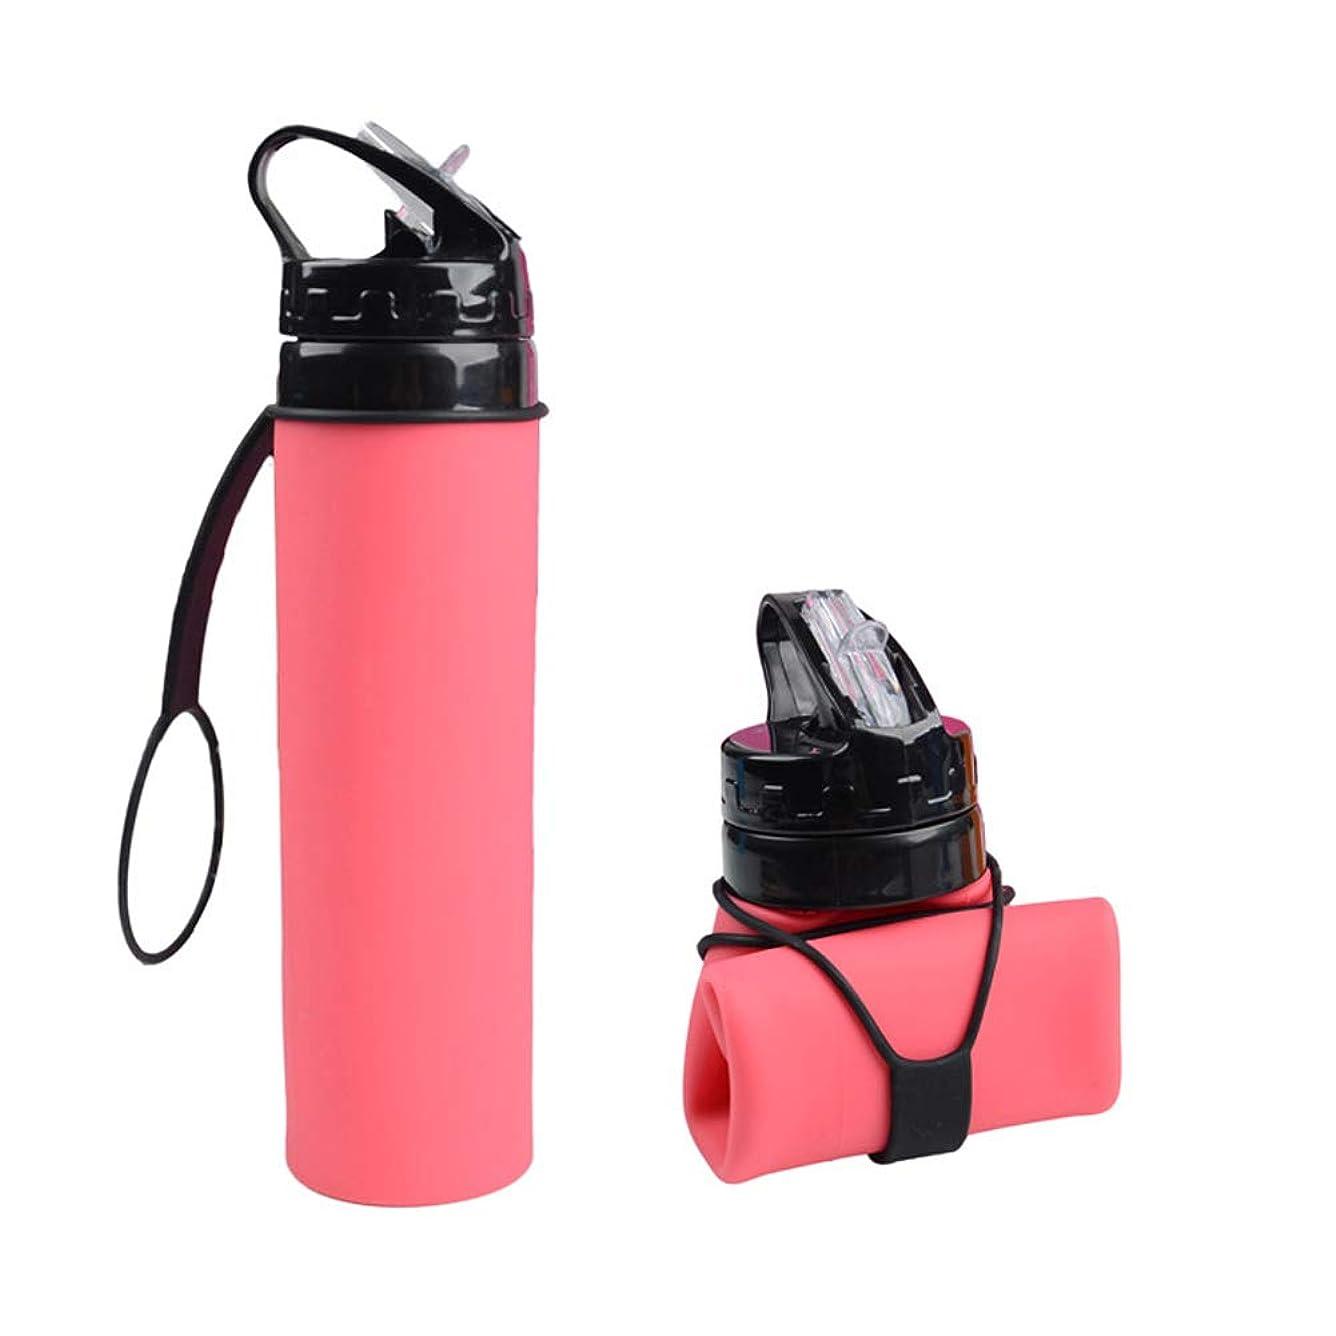 専門知識量収入カップ 600ミリリットル折りたたみ水ボトル食品グレードシリコーンウォーターボトル、ロールアップカップセット屋外用、ハイキング、旅行、BPAフリーキープドリンクホット&コールド真空断熱ウォーターボトルステンレススチールマグ (色 : ピンク)